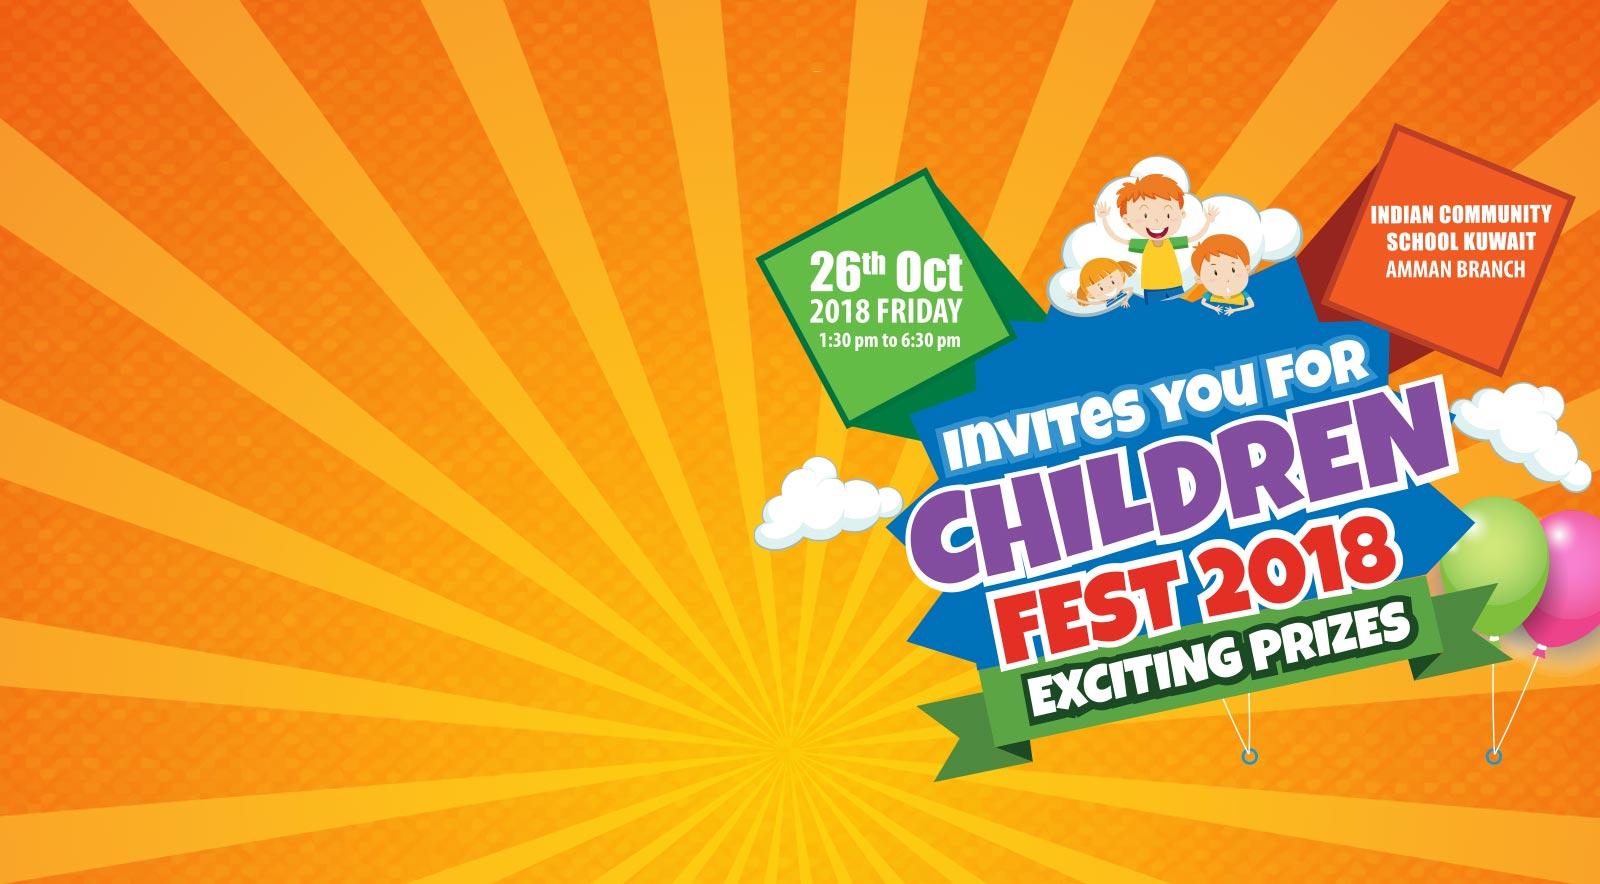 IMA Children Fest 2018